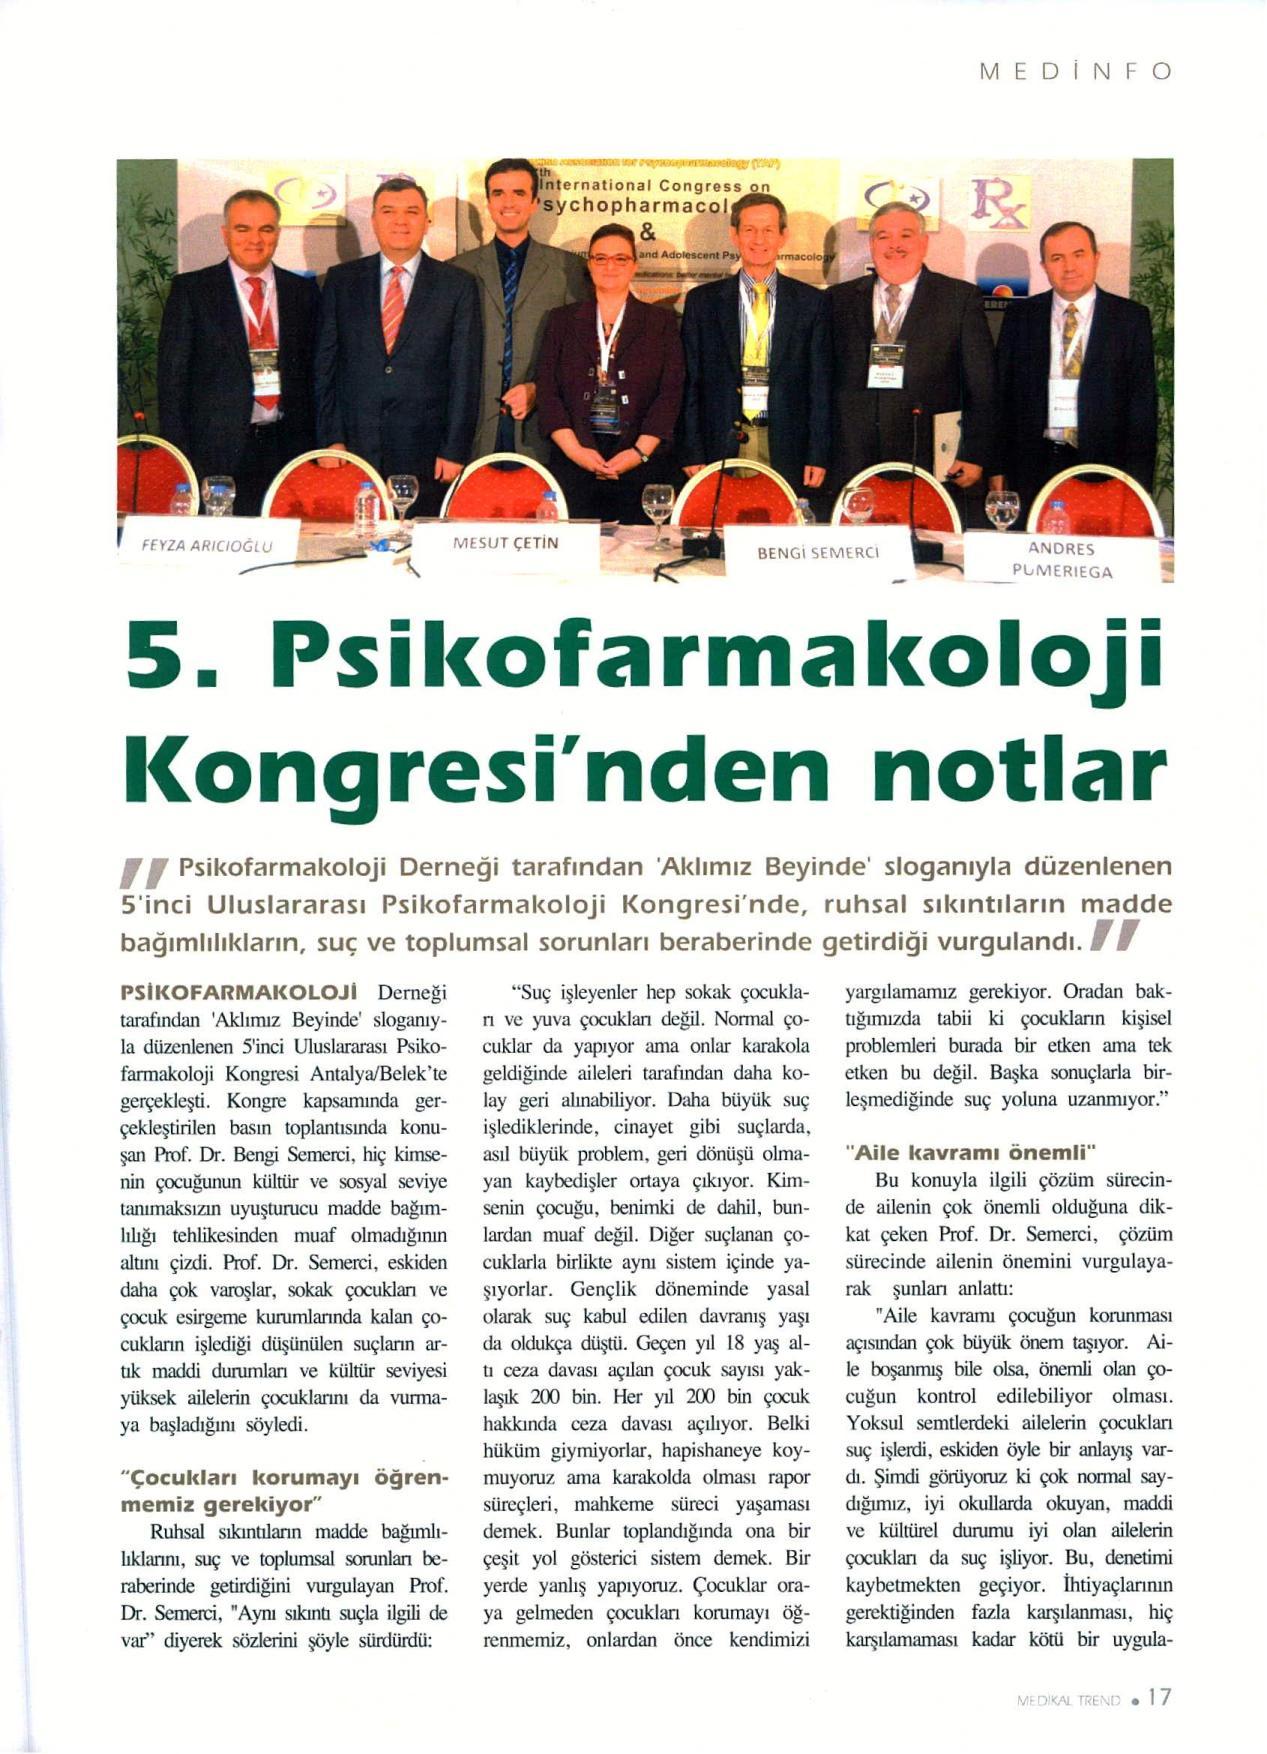 5. PSİKOFARMAKOLOJİ KONGRESİ'NDEN NOTLAR - 01.12.2013 MEDİKAL TREND